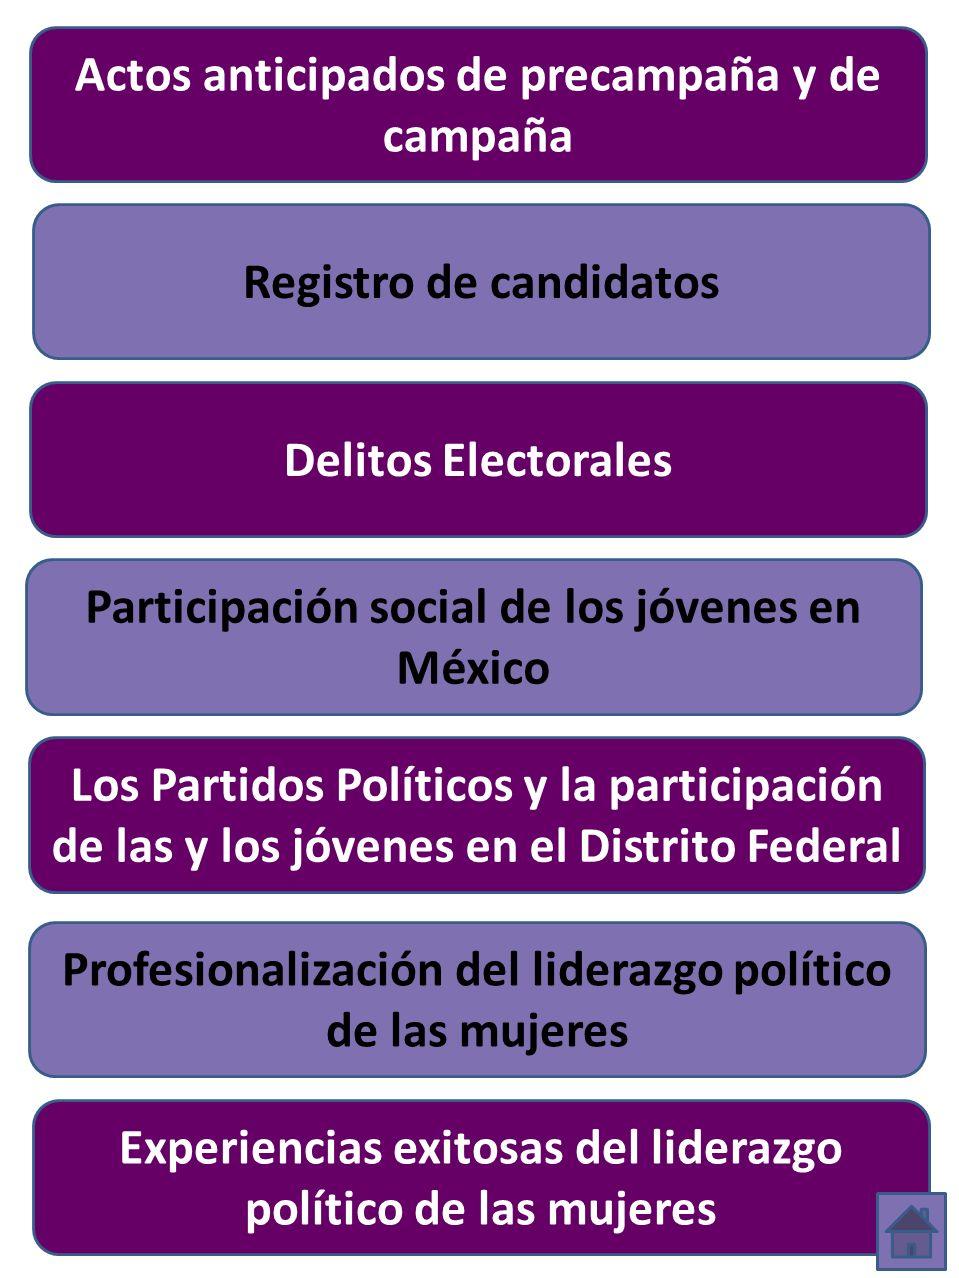 Actos anticipados de precampaña y de campaña Registro de candidatos Participación social de los jóvenes en México Los Partidos Políticos y la participación de las y los jóvenes en el Distrito Federal Delitos Electorales Profesionalización del liderazgo político de las mujeres Experiencias exitosas del liderazgo político de las mujeres